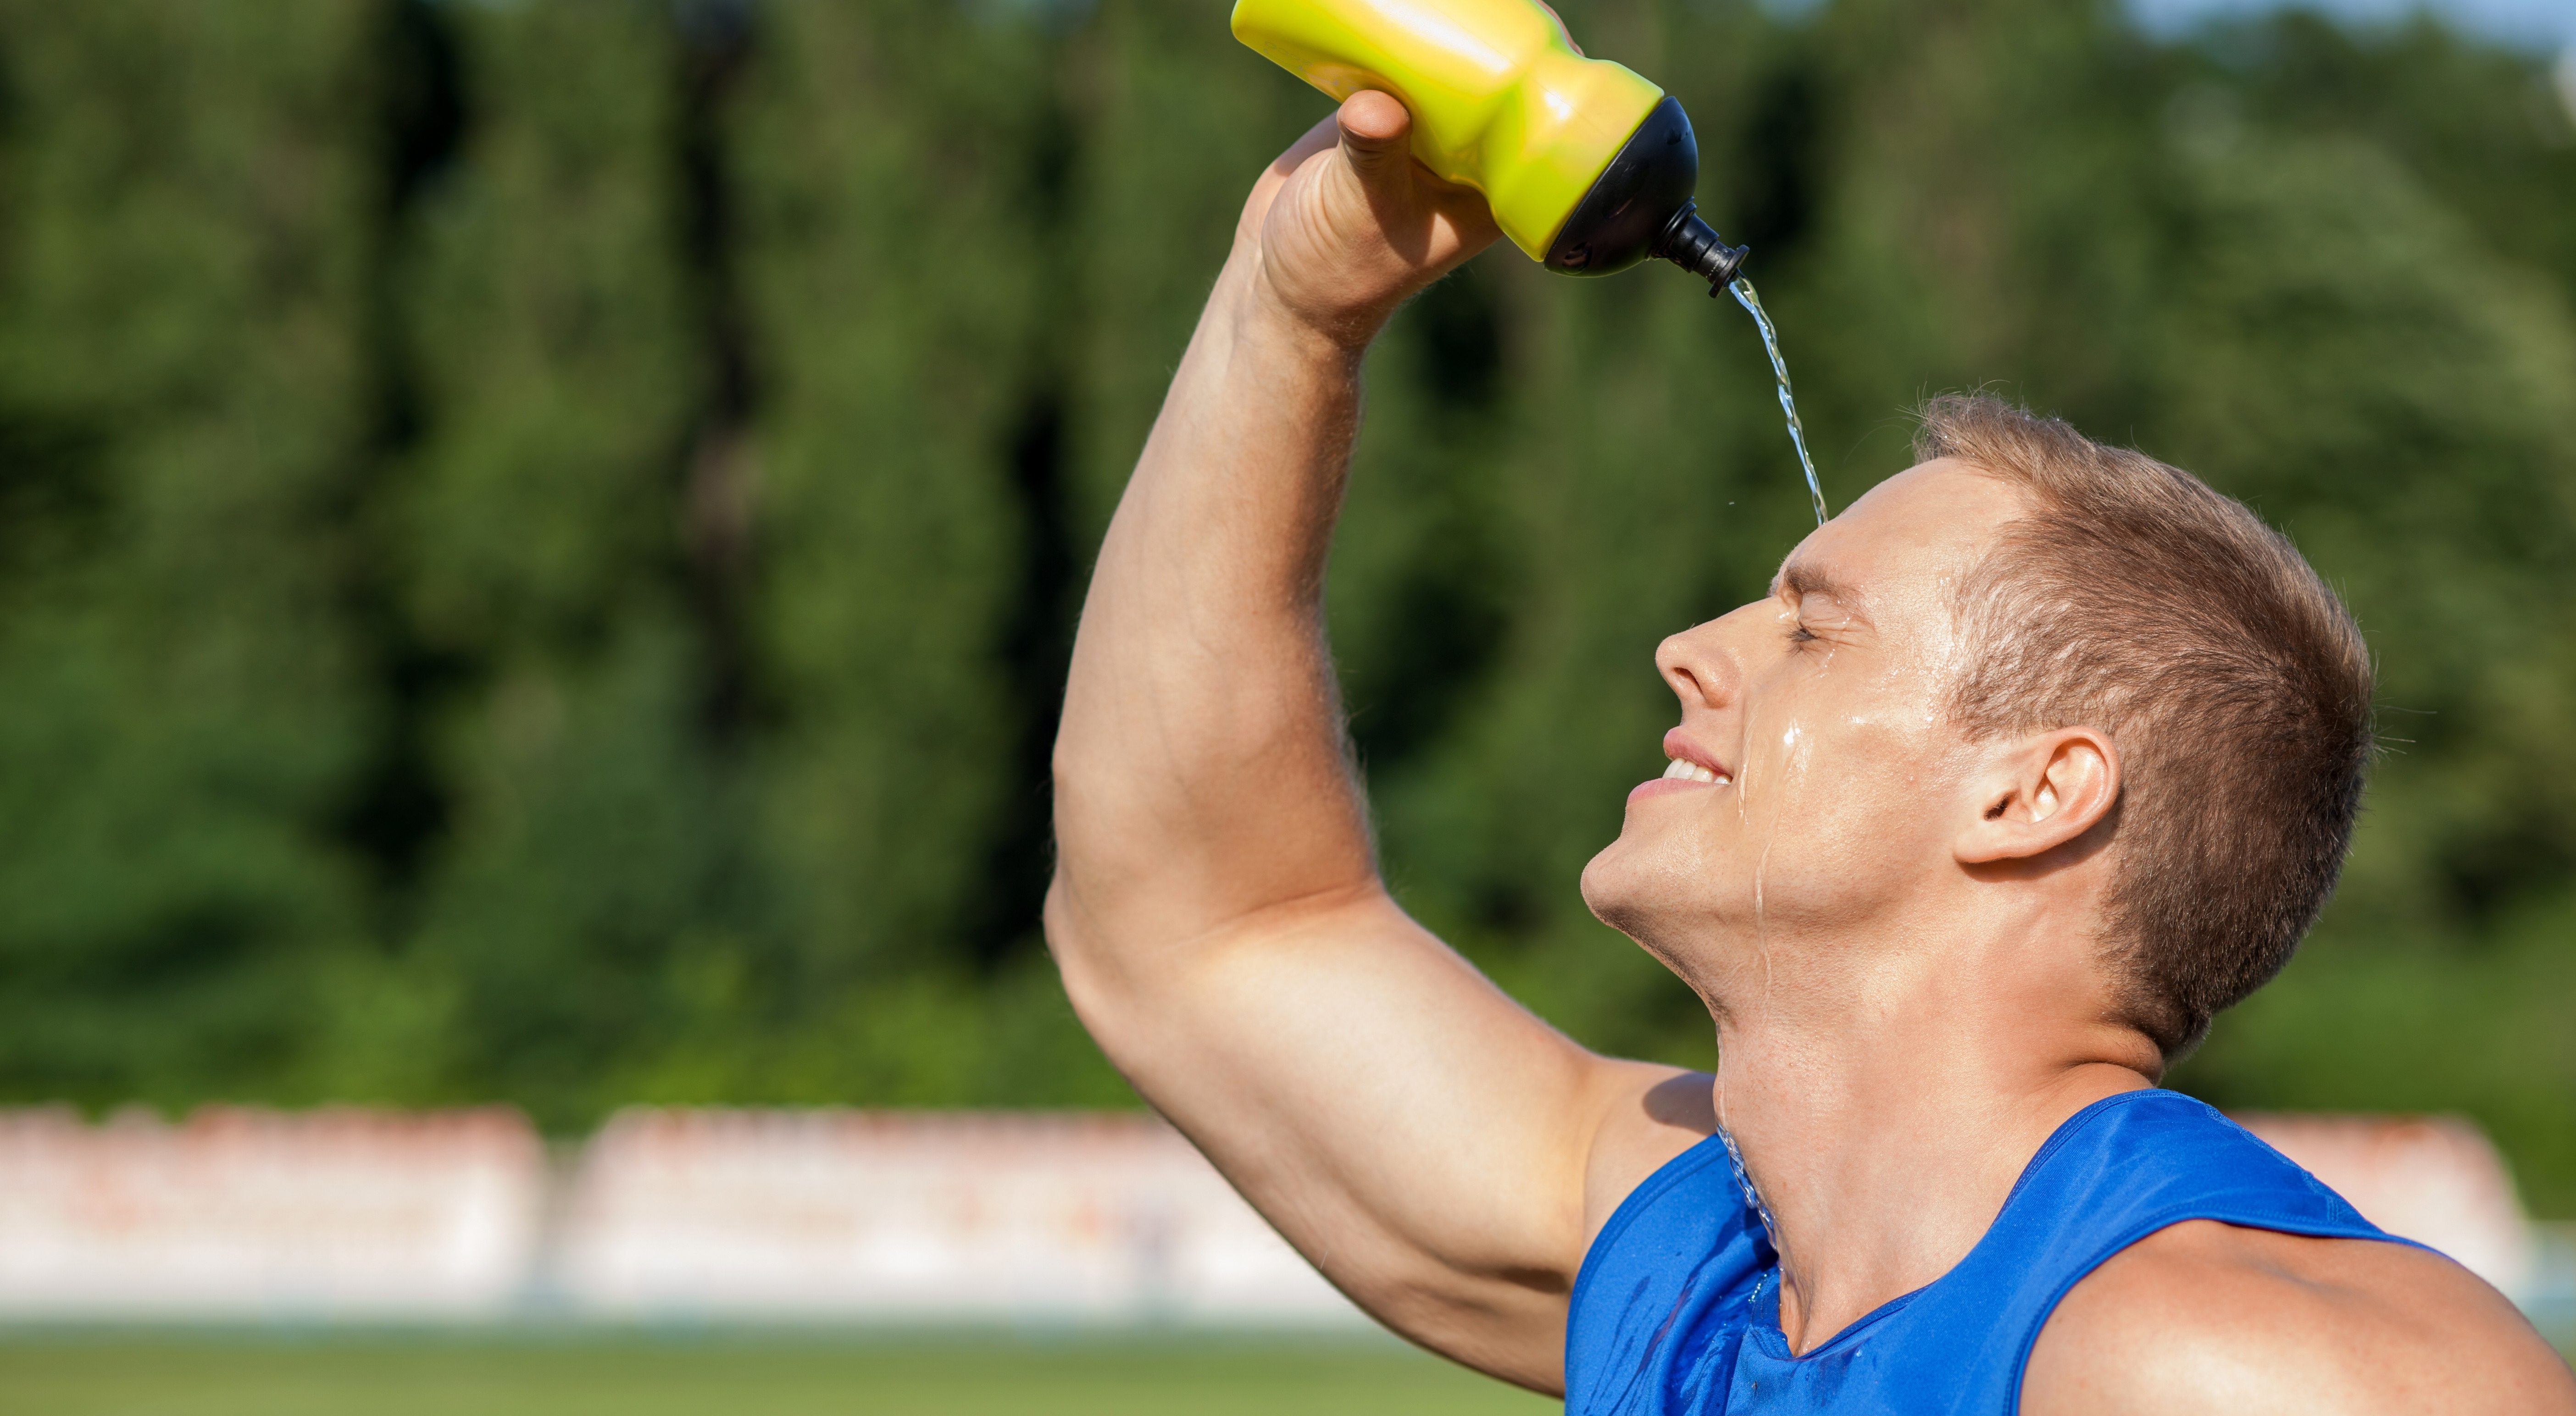 10 astuces pour courir quand il fait chaud